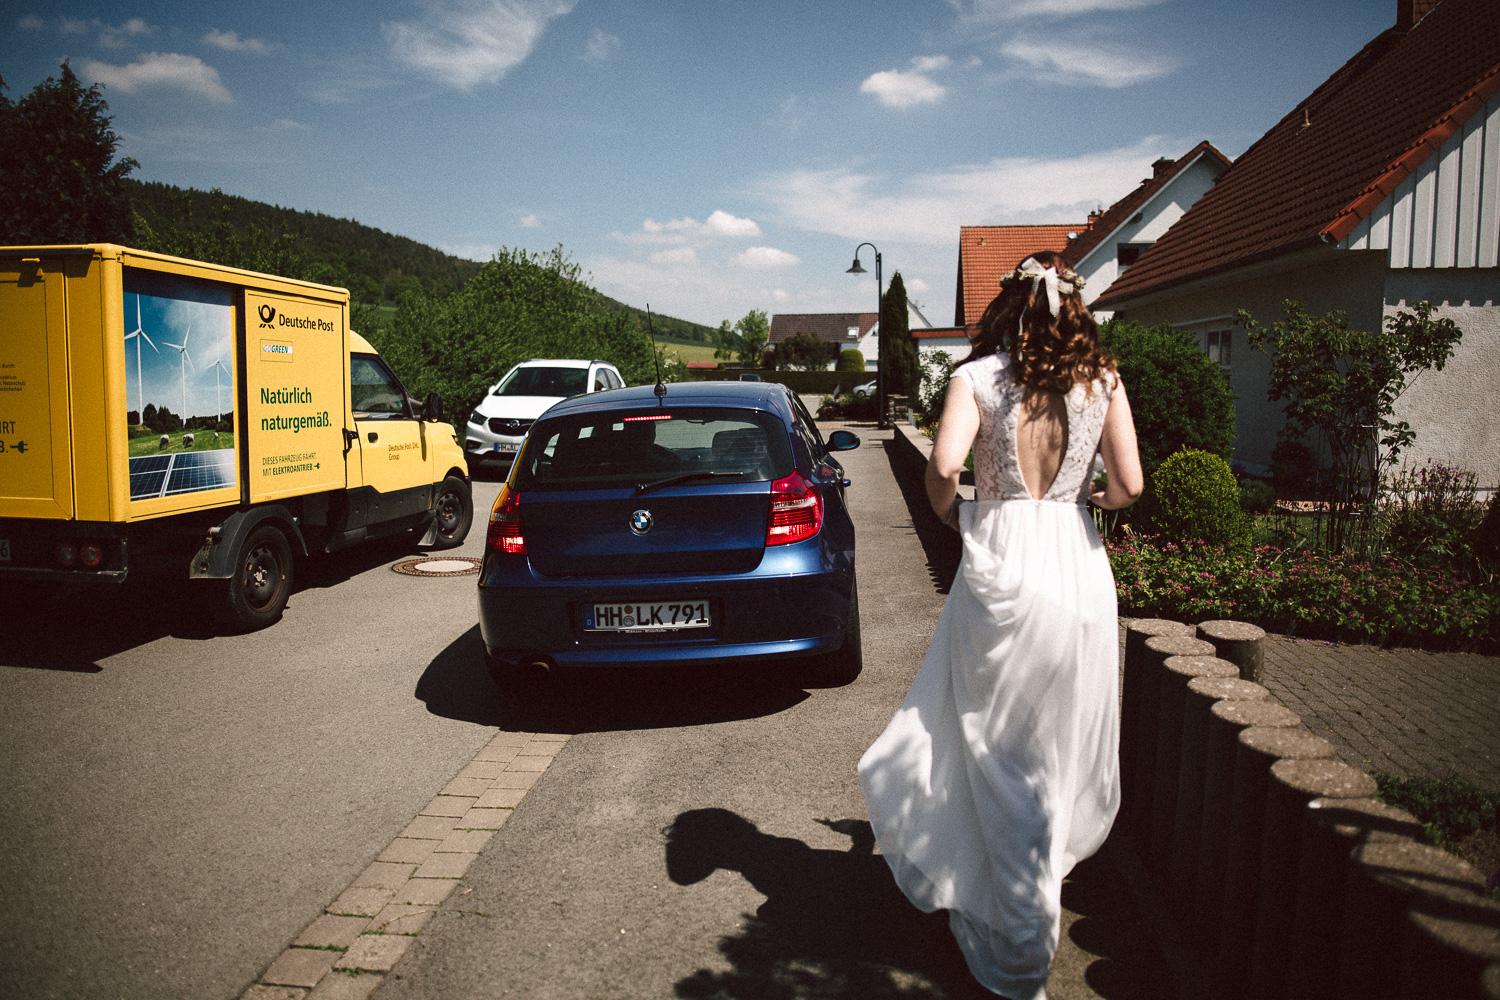 Vanessa-Nicholas-Hochzeitsreportage-30 Vanessa & Nicholas - freie Trauung in der Mosterei Ockensen Hochzeitreportage